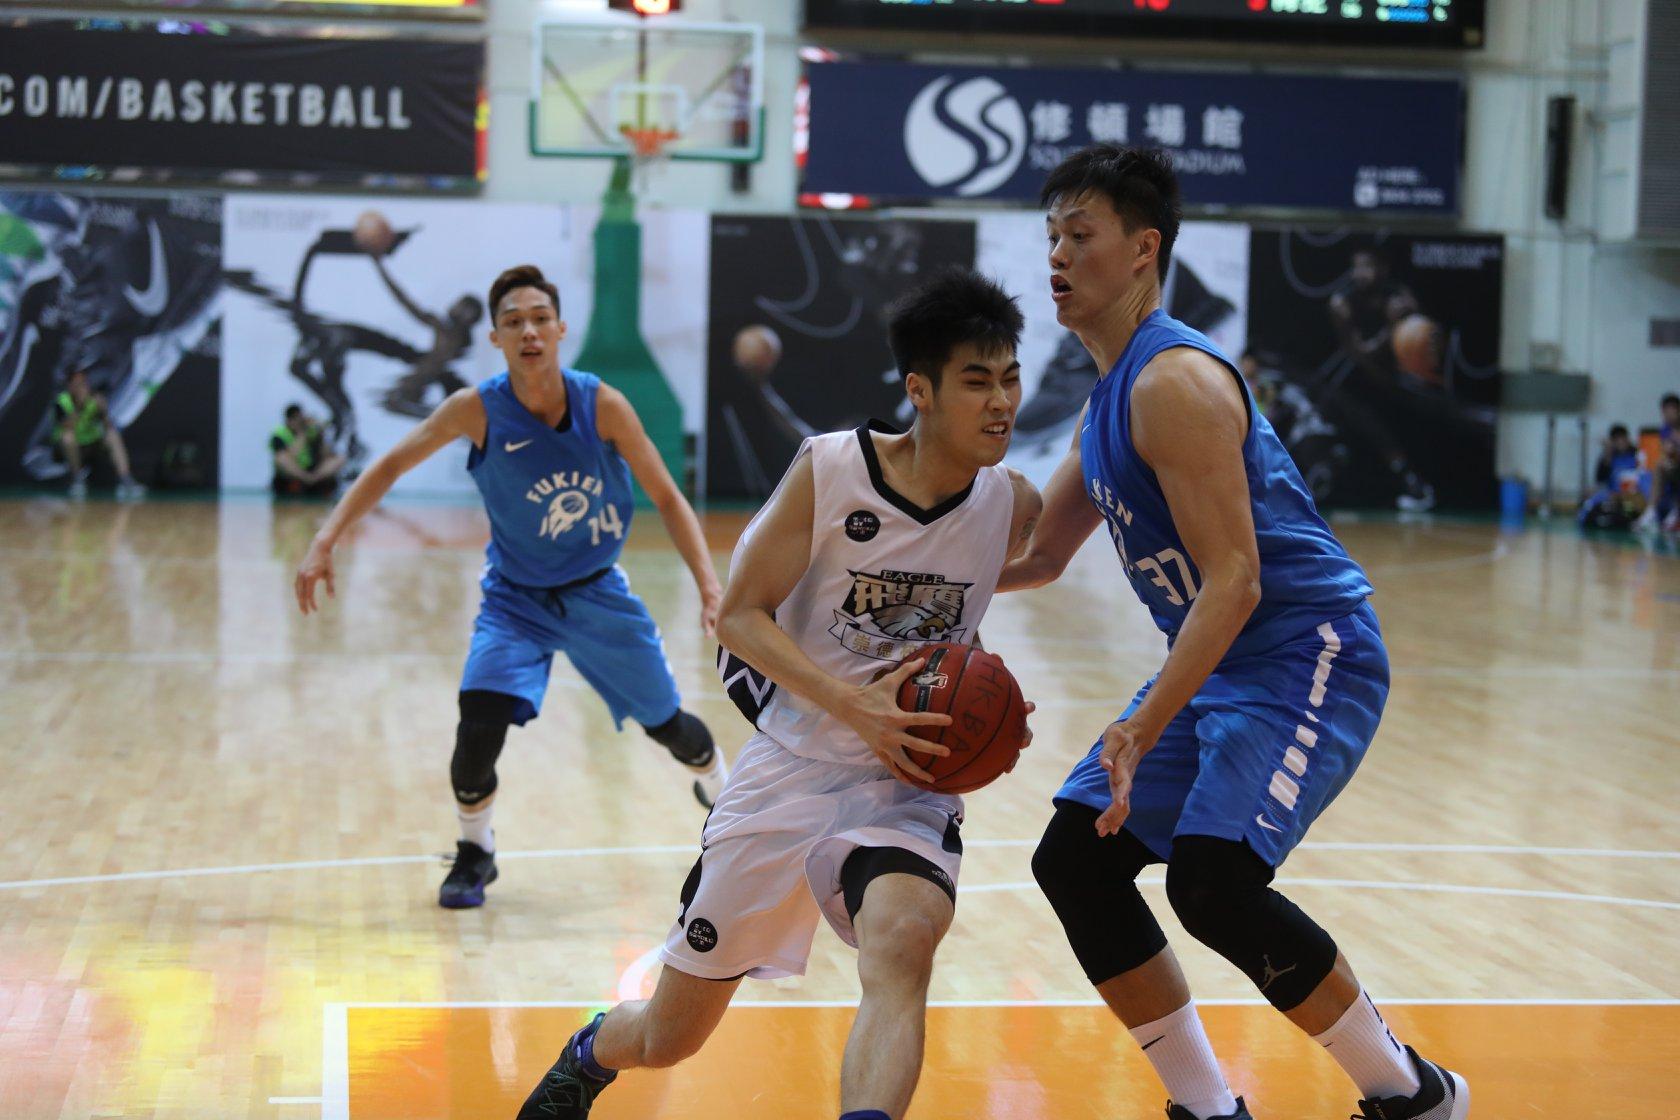 重整旗鼓-專心備戰-018-Eagle-Basketball-崇德飛鷹